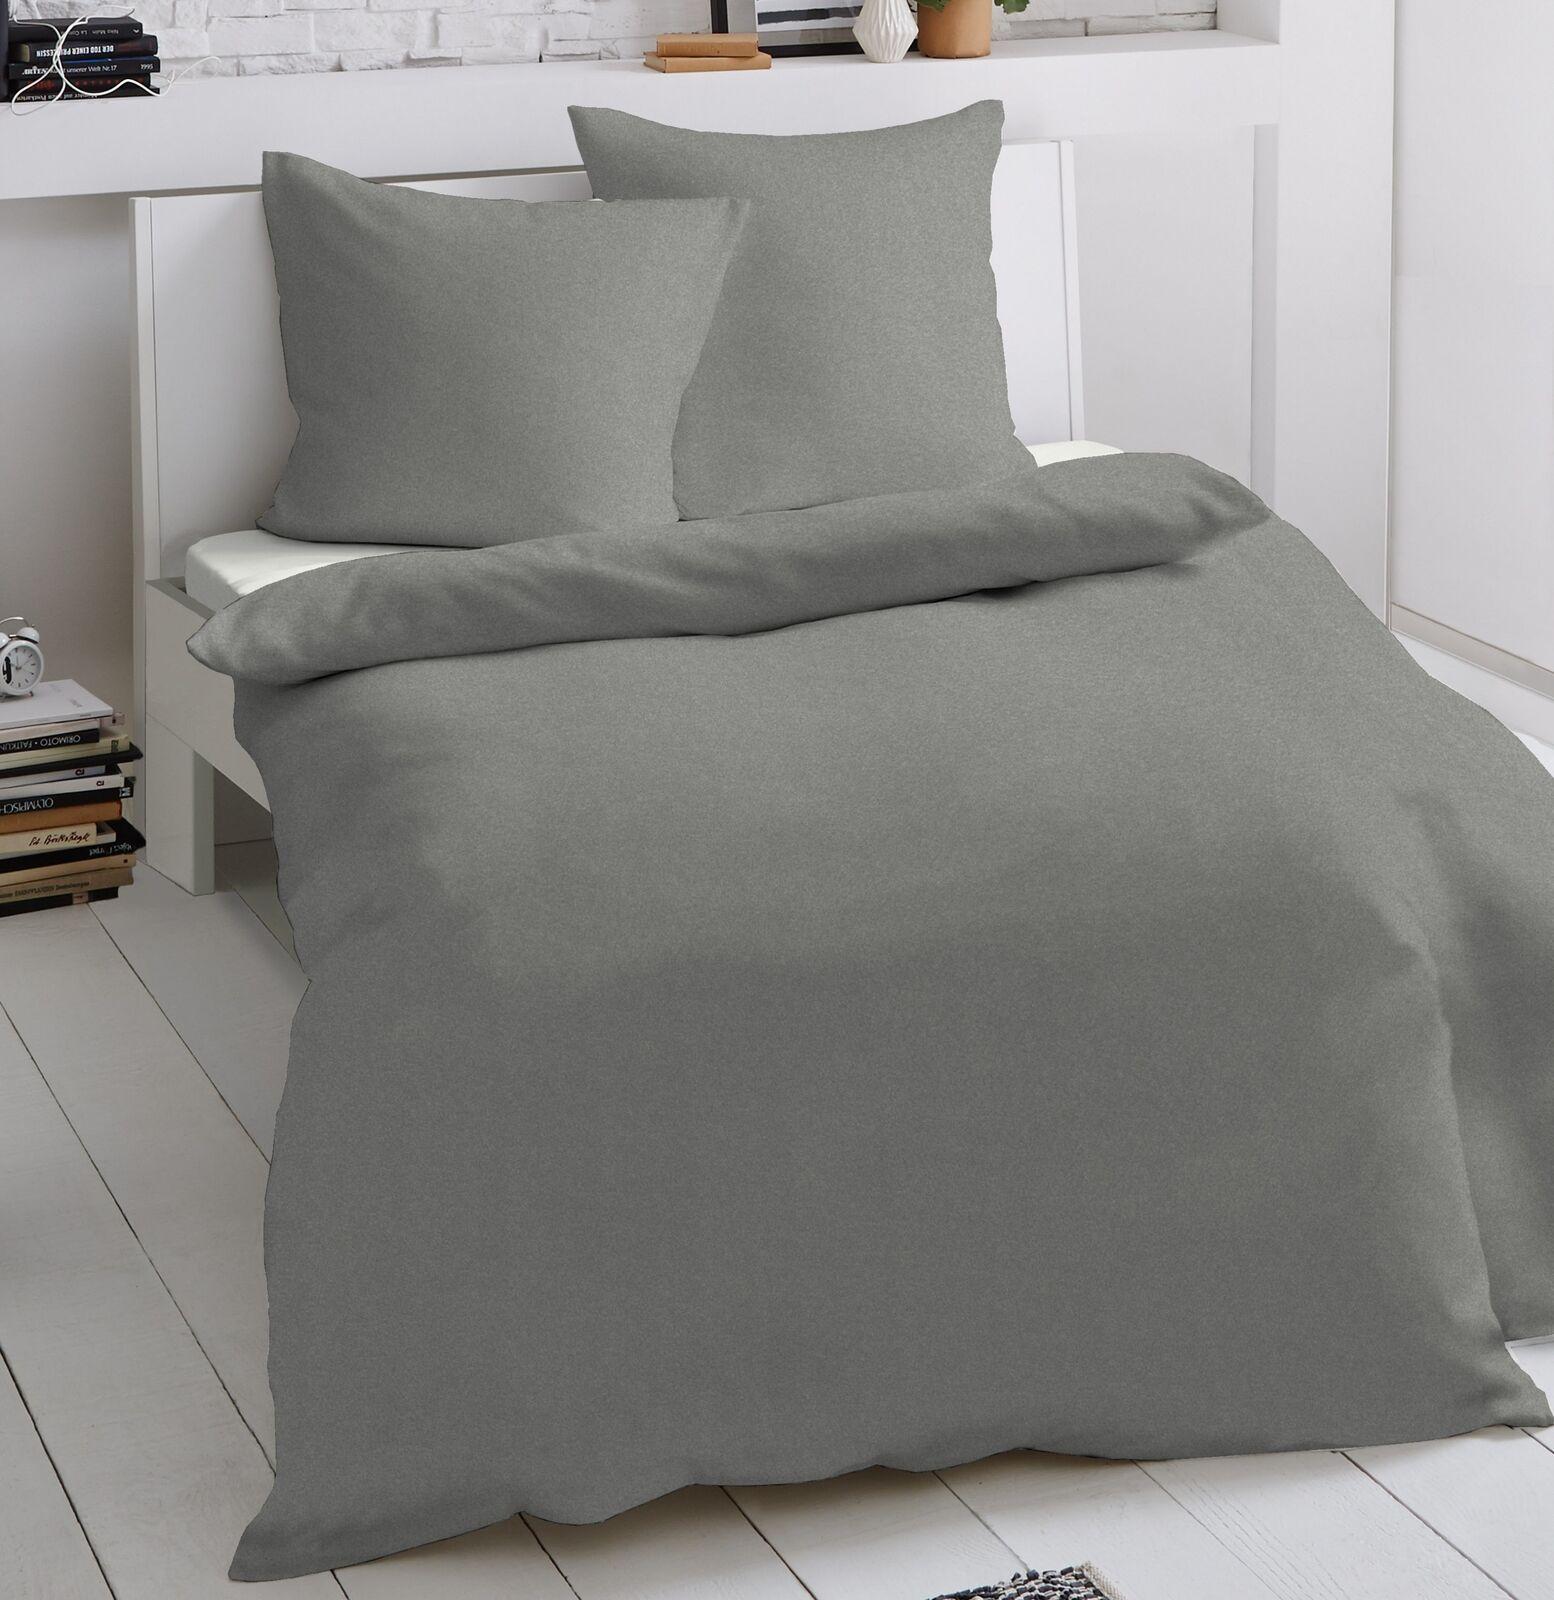 2 tlg Jersey Bettwäsche 155 x 220 cm grau Mako Baumwolle Garnitur